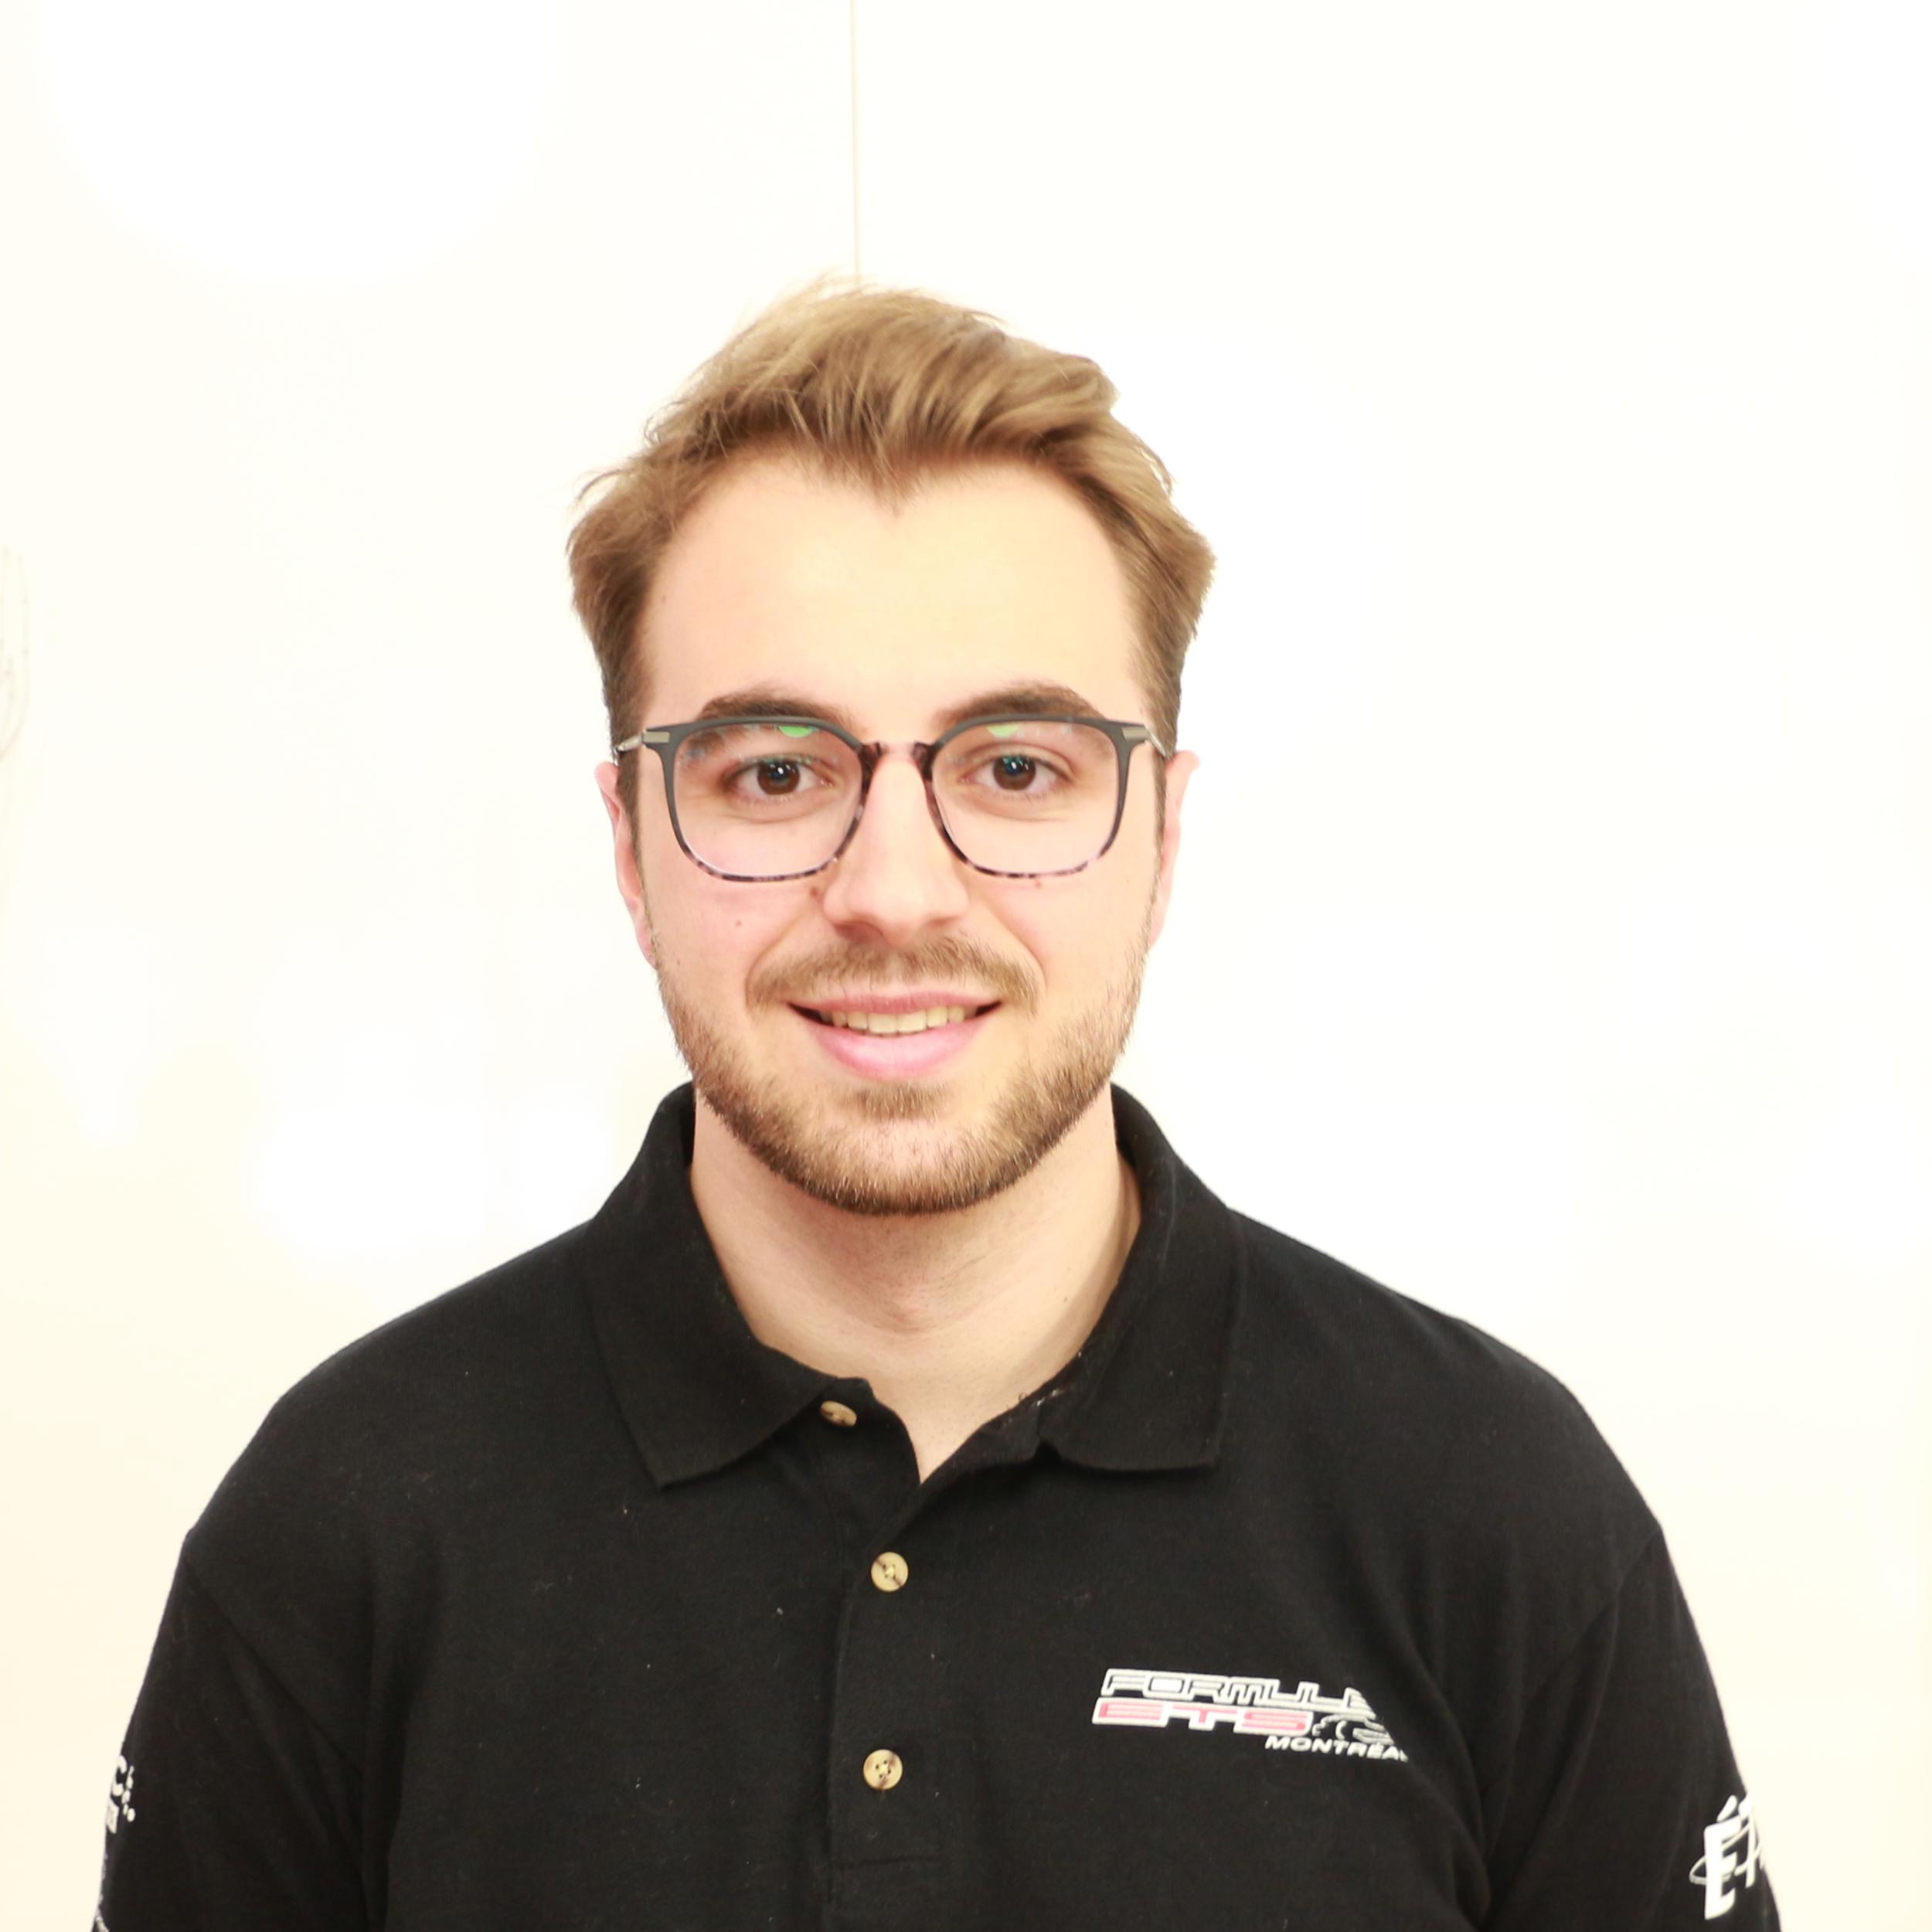 Antoine Desrochers-Lapalme   Directeur Technique  a.desrochers.formule.ets@gmail.com